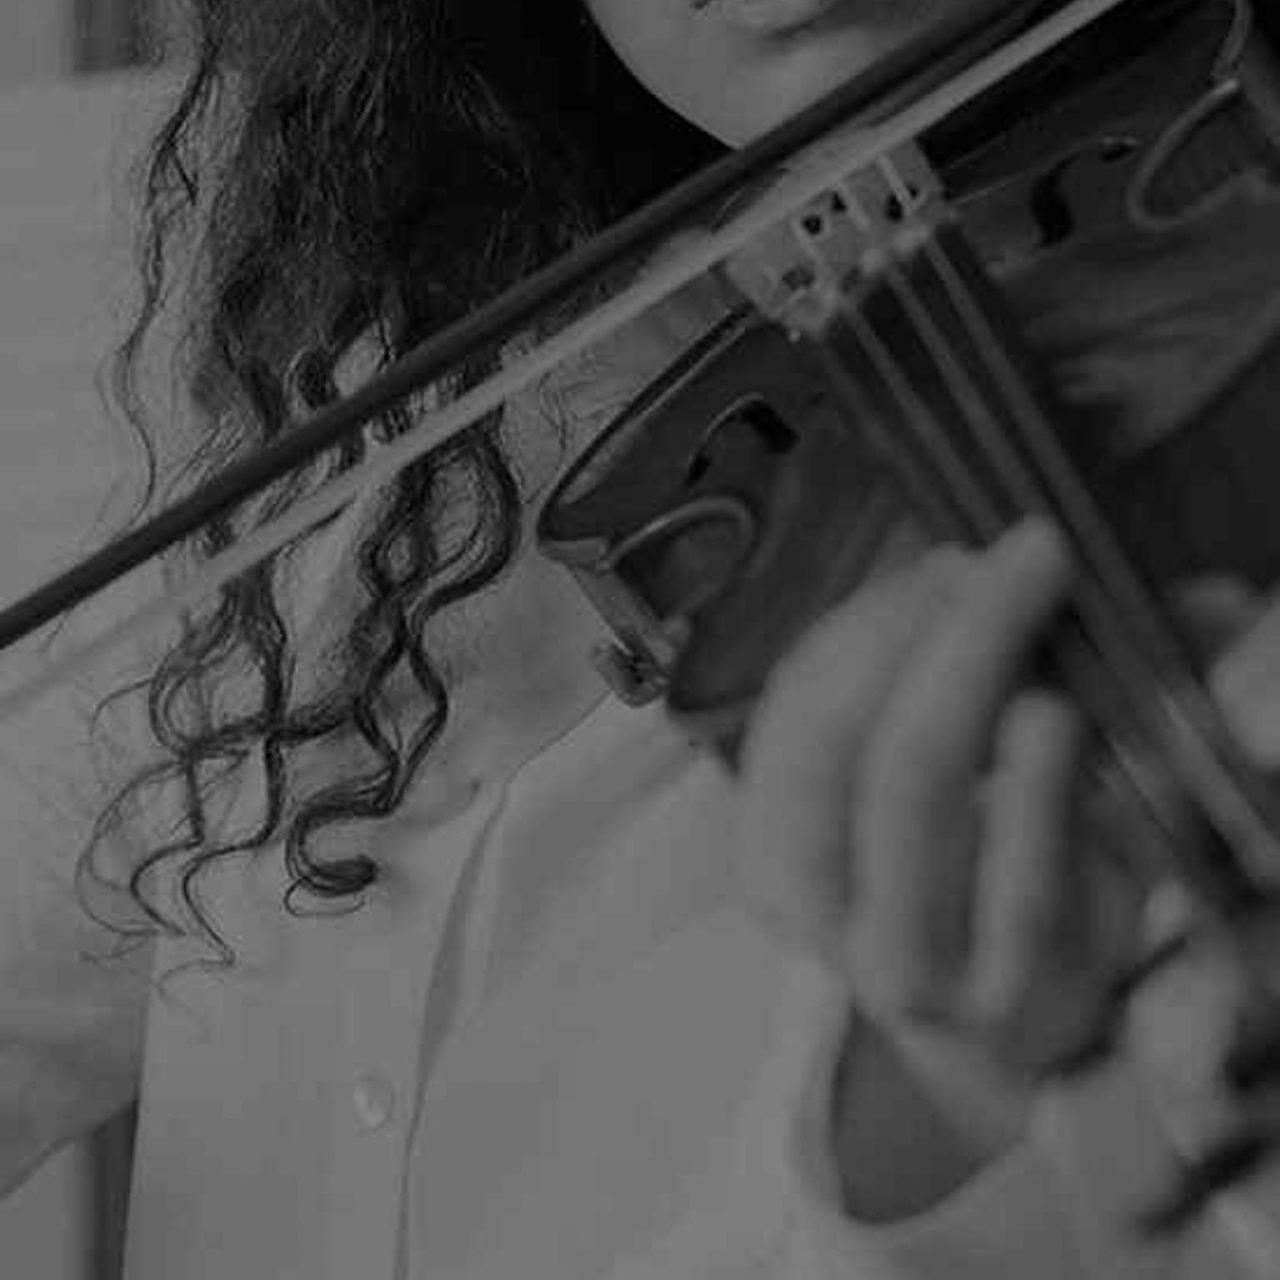 https://www.accademiamoebius.it/wp-content/uploads/2019/12/moebius-music-academy-01-7-1280x1280.jpg